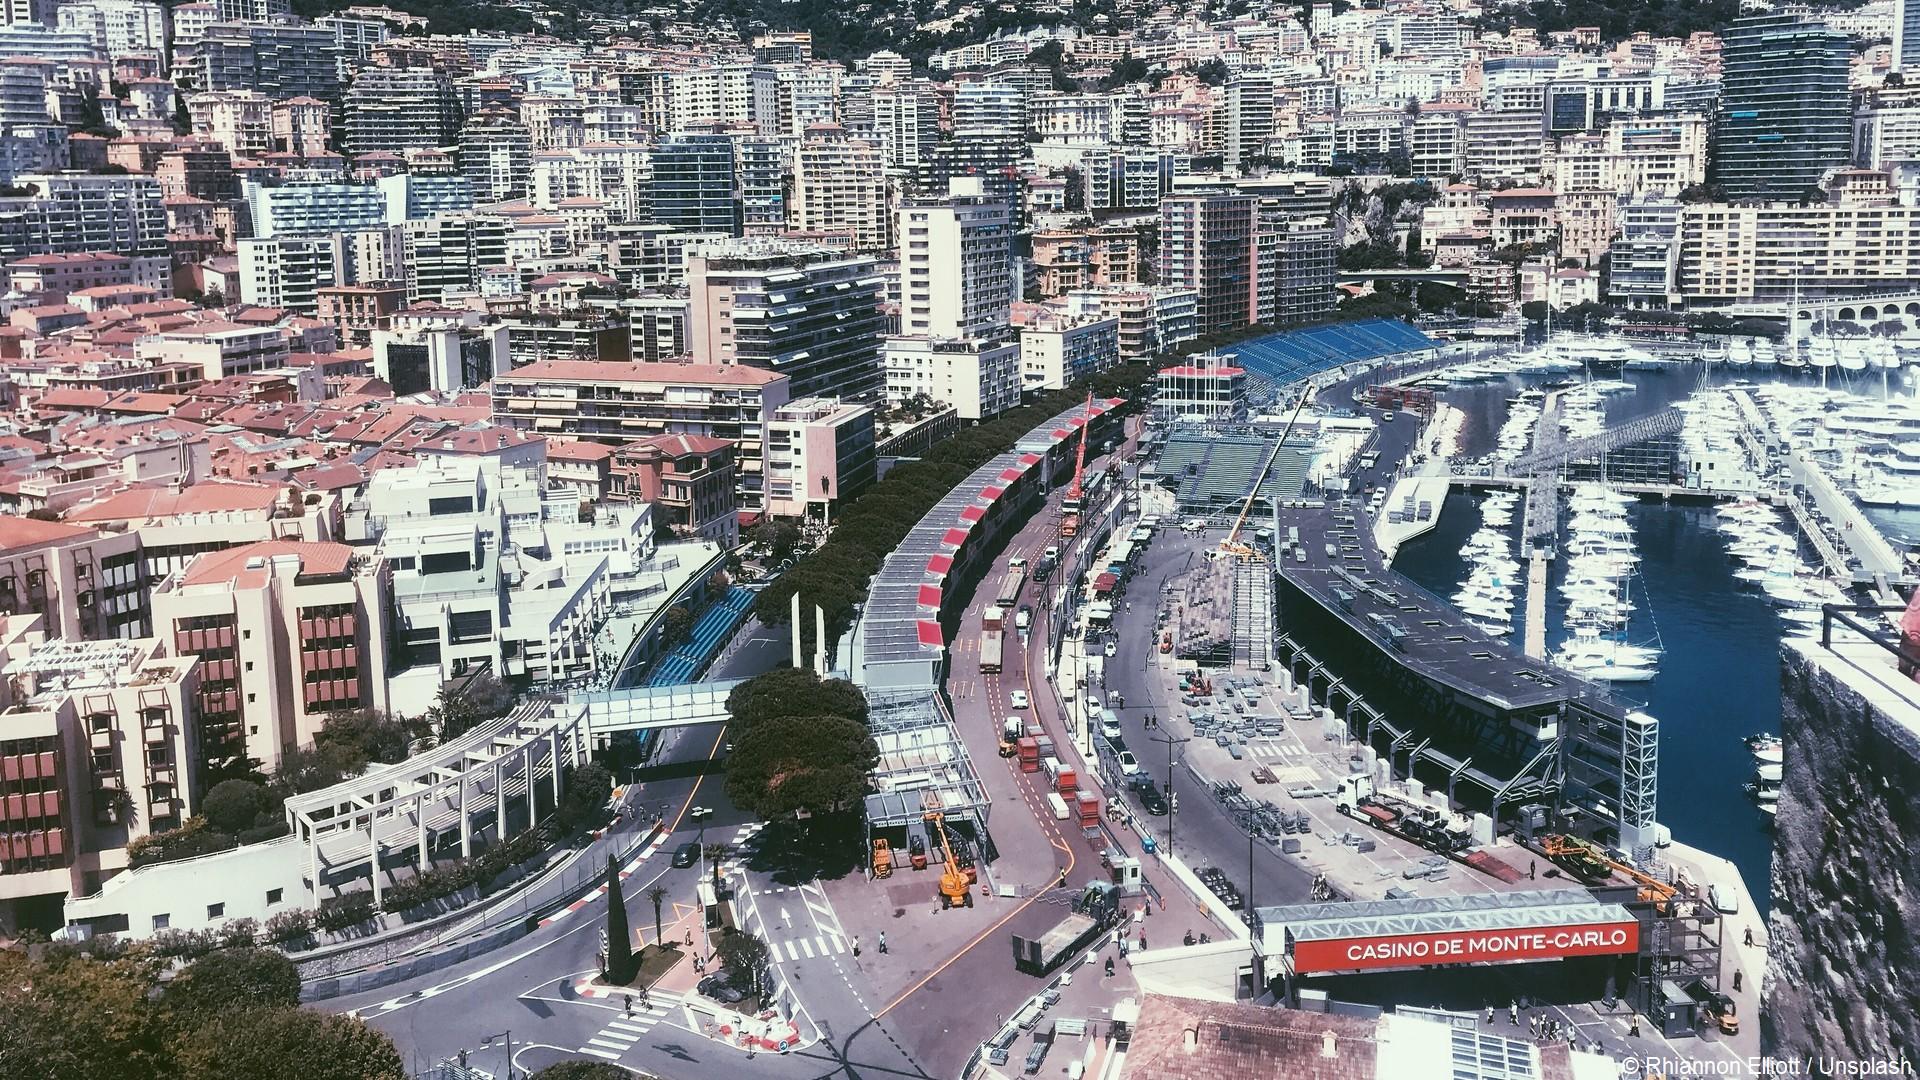 F1 GP de Monaco (c) Rhiannon Elliott – Unsplash